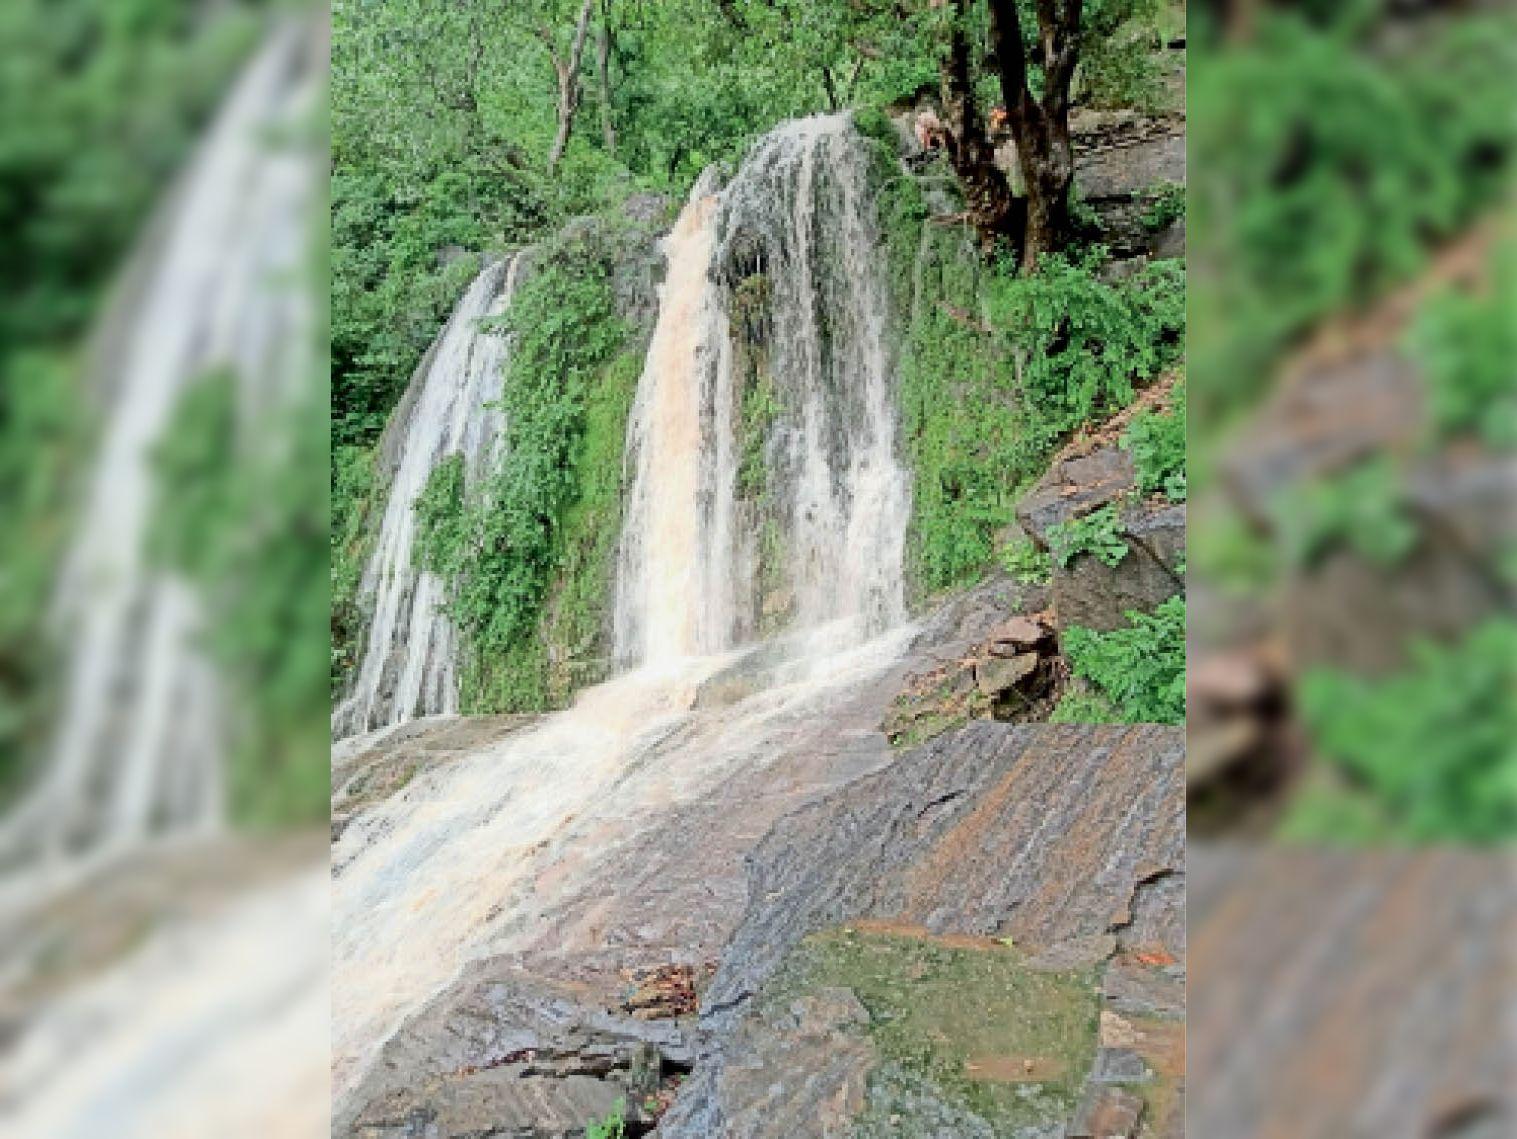 डेढ़ माह बाद फिर से चला गोरमघाट का झरना, वीकेंड पर रहेगा पर्यटकों का बूम राजसमंद,Rajsamand - Dainik Bhaskar